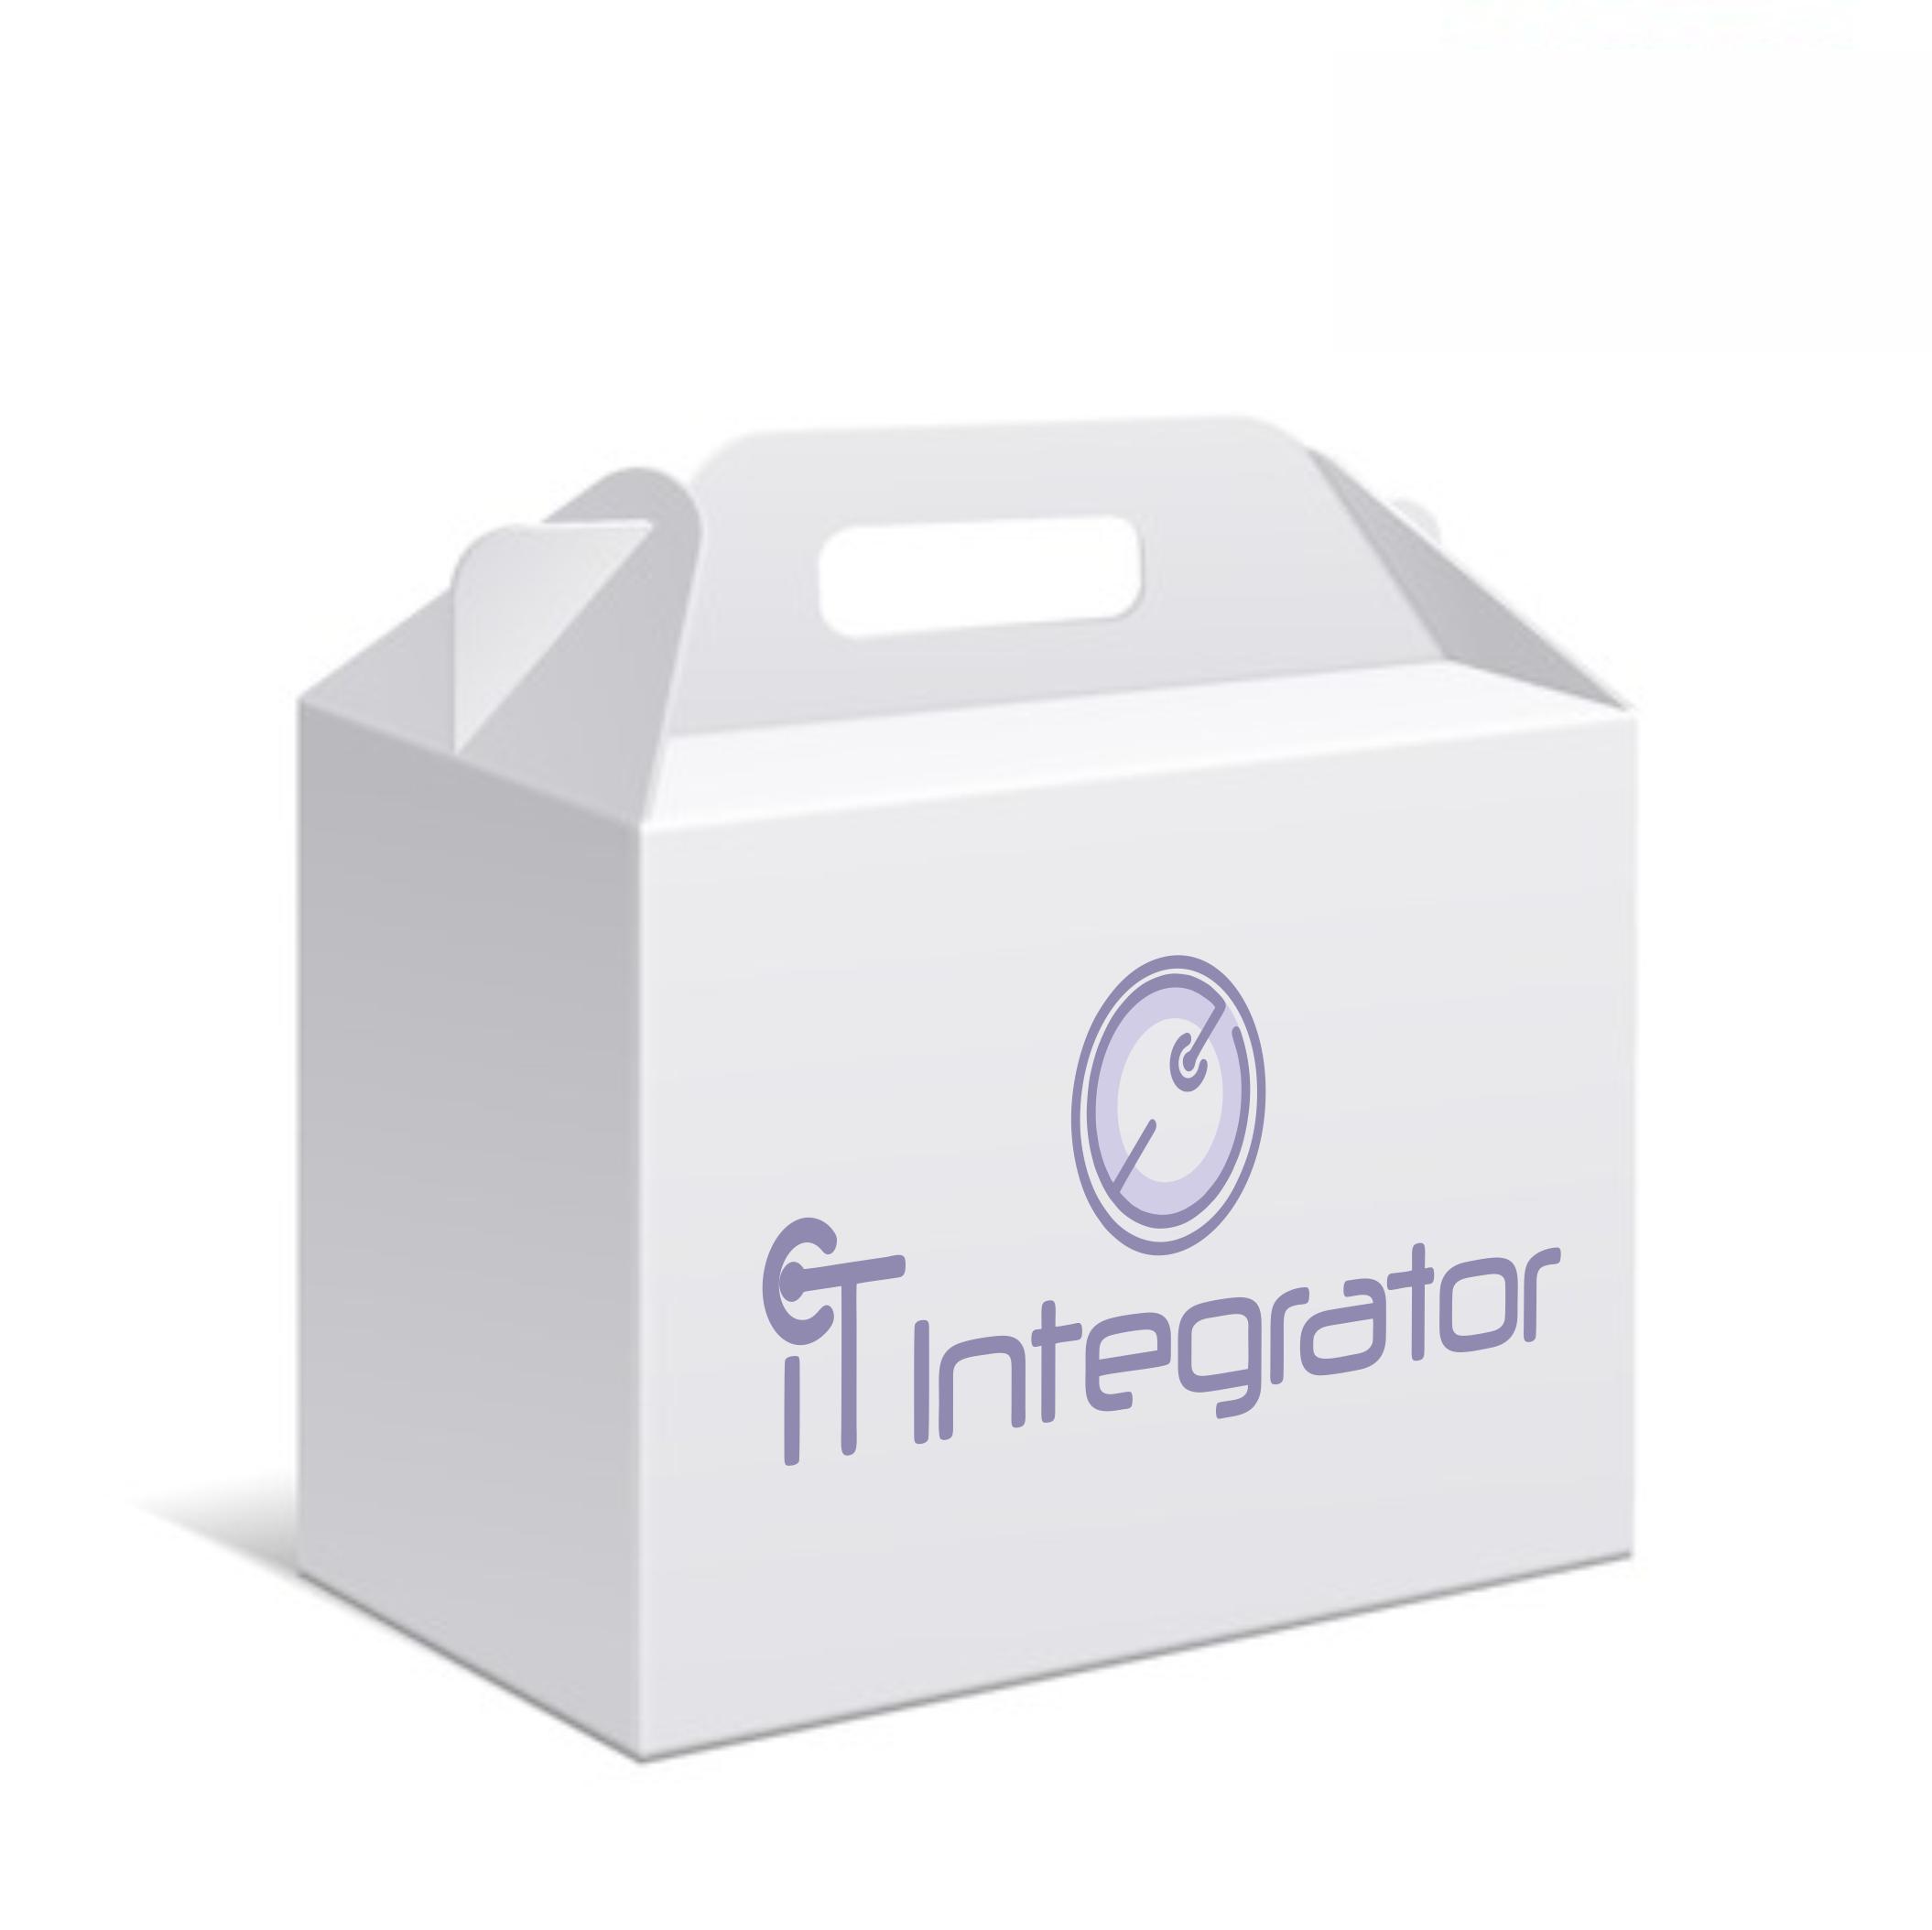 Логотип для IT интегратора фото f_686614a4e14b47fd.png